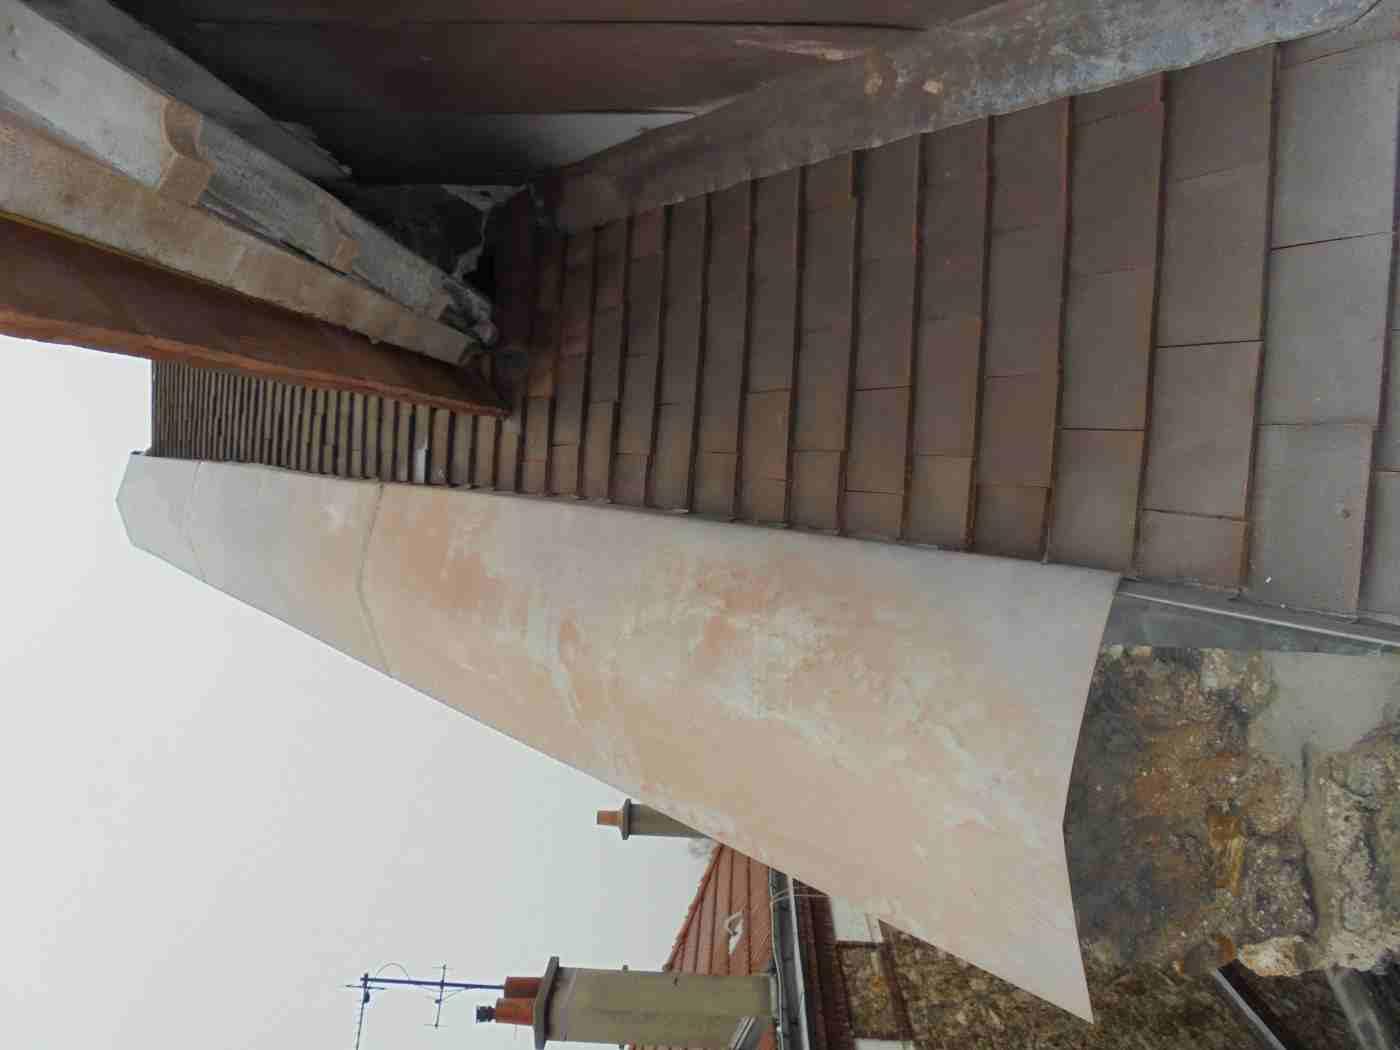 Toiture en tuiles plates tuiles phalempin à Bourg-La-Reine gallery